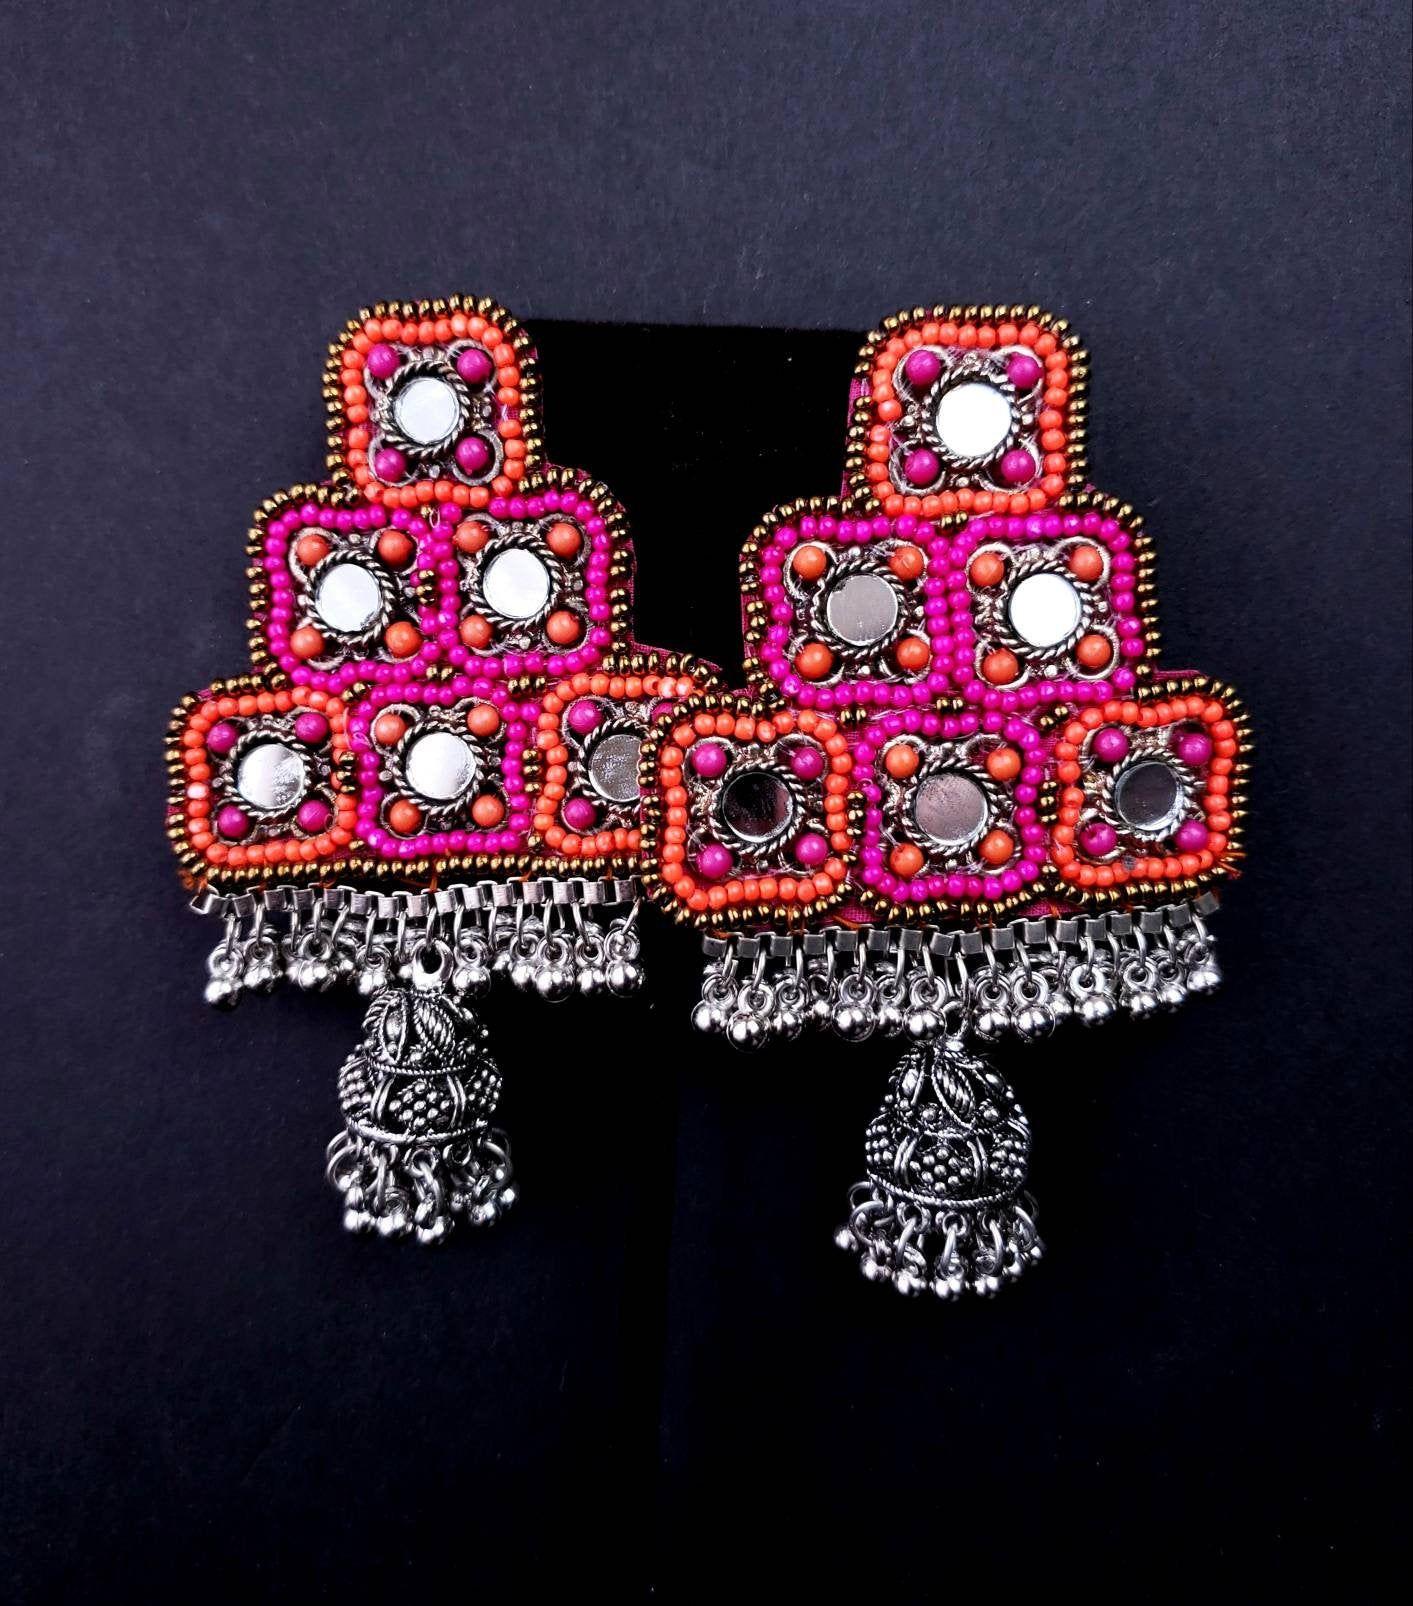 Afghani jewelry,Boho Rajastani earrings Belly dance ethnic jewelry Blue Afghani Kuchi coin choker and earrings in oxidized silver tribal